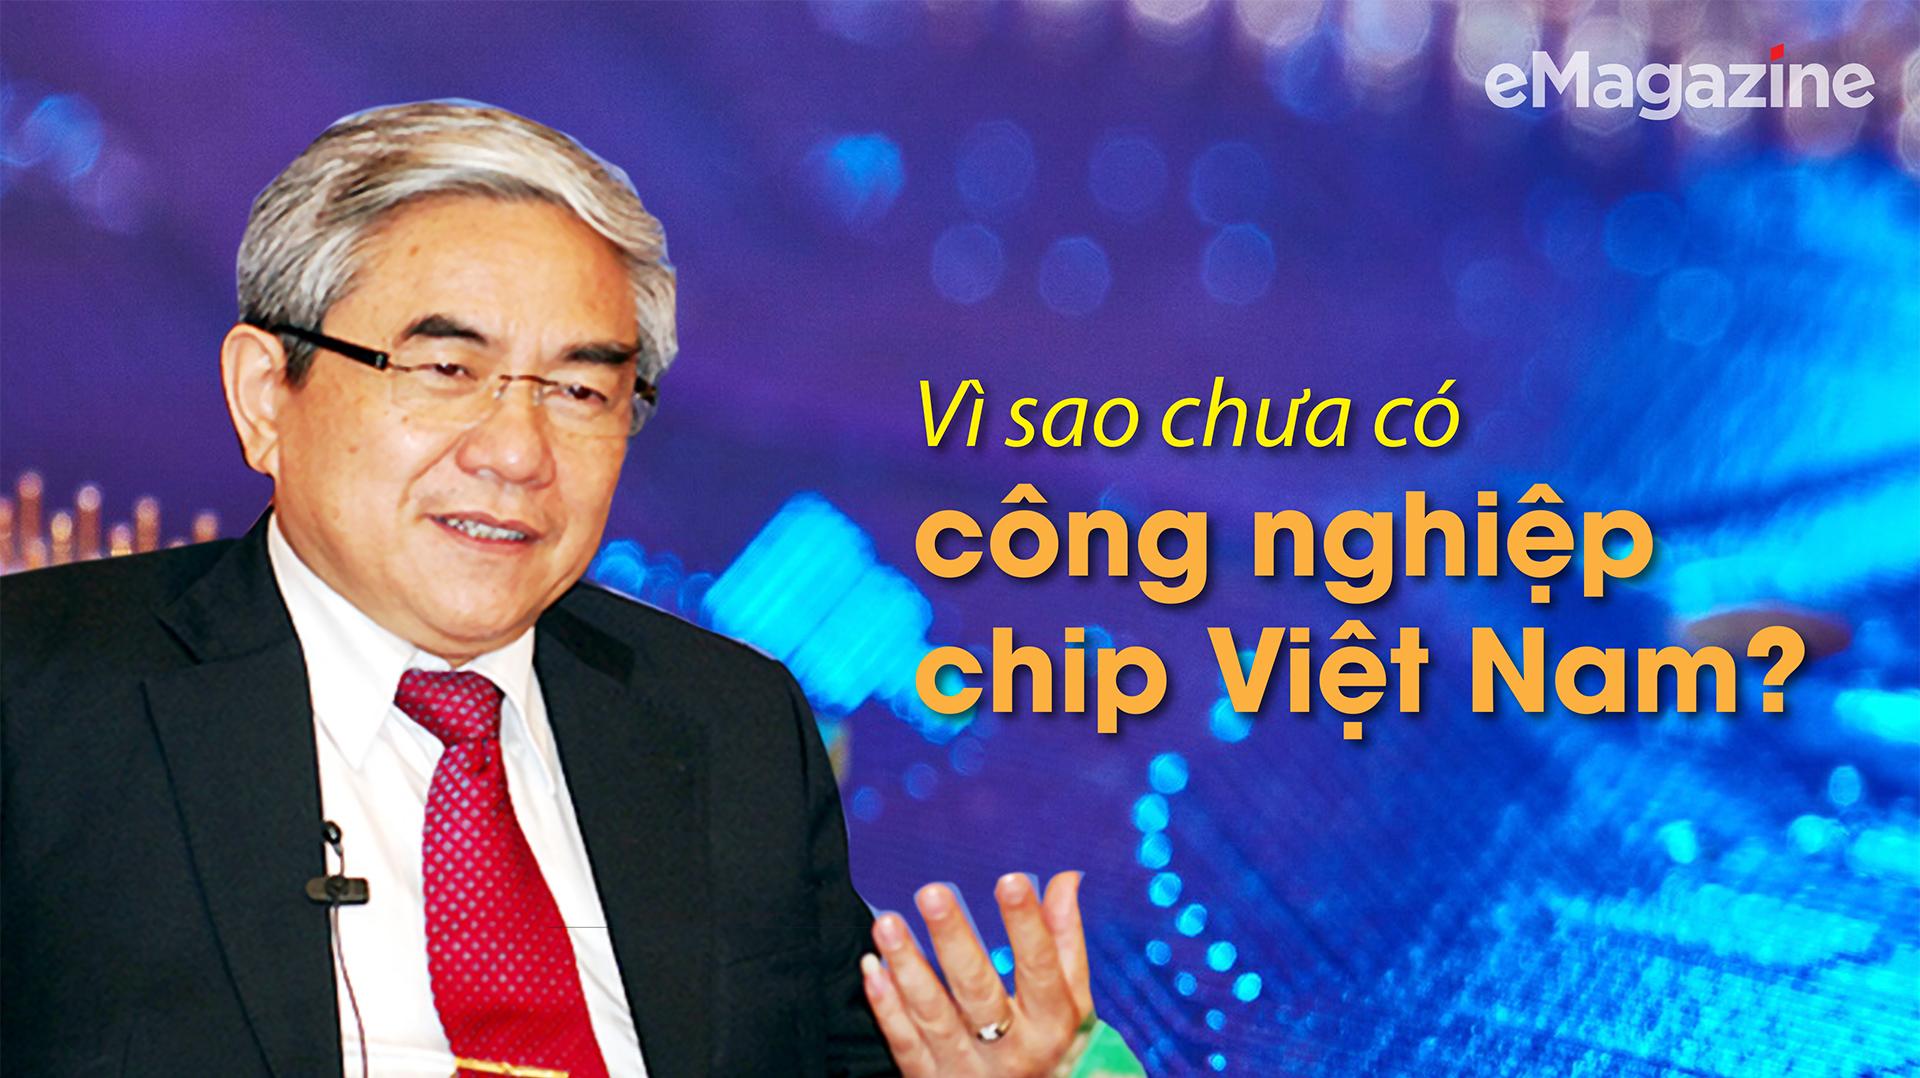 Bài 3: Vì sao chưa có công nghiệp chip Việt Nam? - Ảnh 1